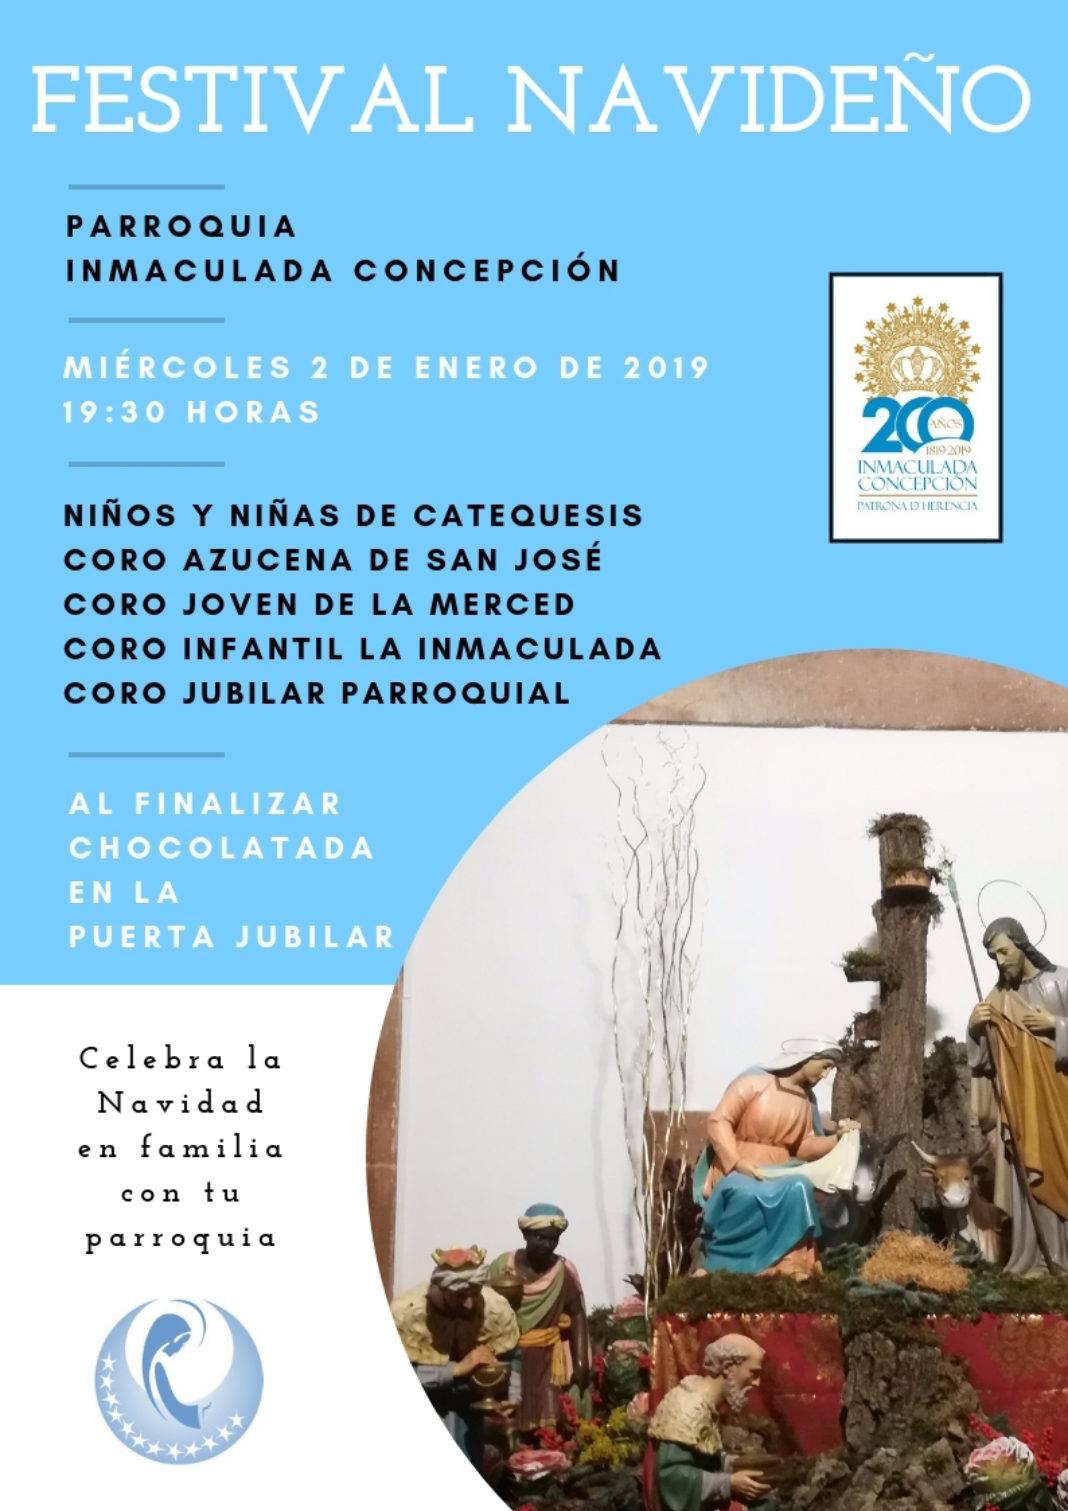 Festival navideño parroquia 1 1068x1511 - Festival navideño de villancicos en la parroquia de Herencia